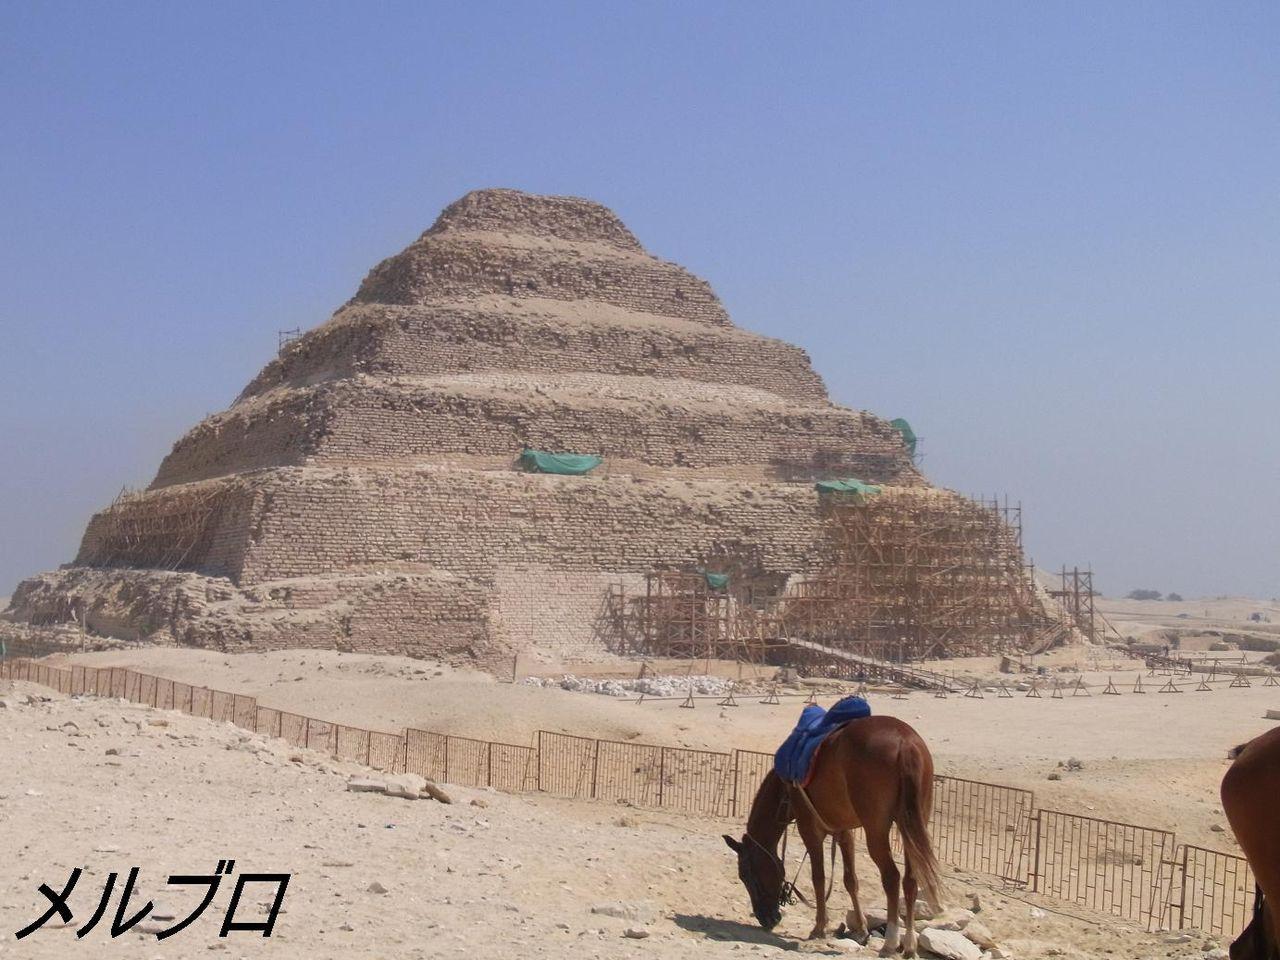 ジョセル王のピラミッド2